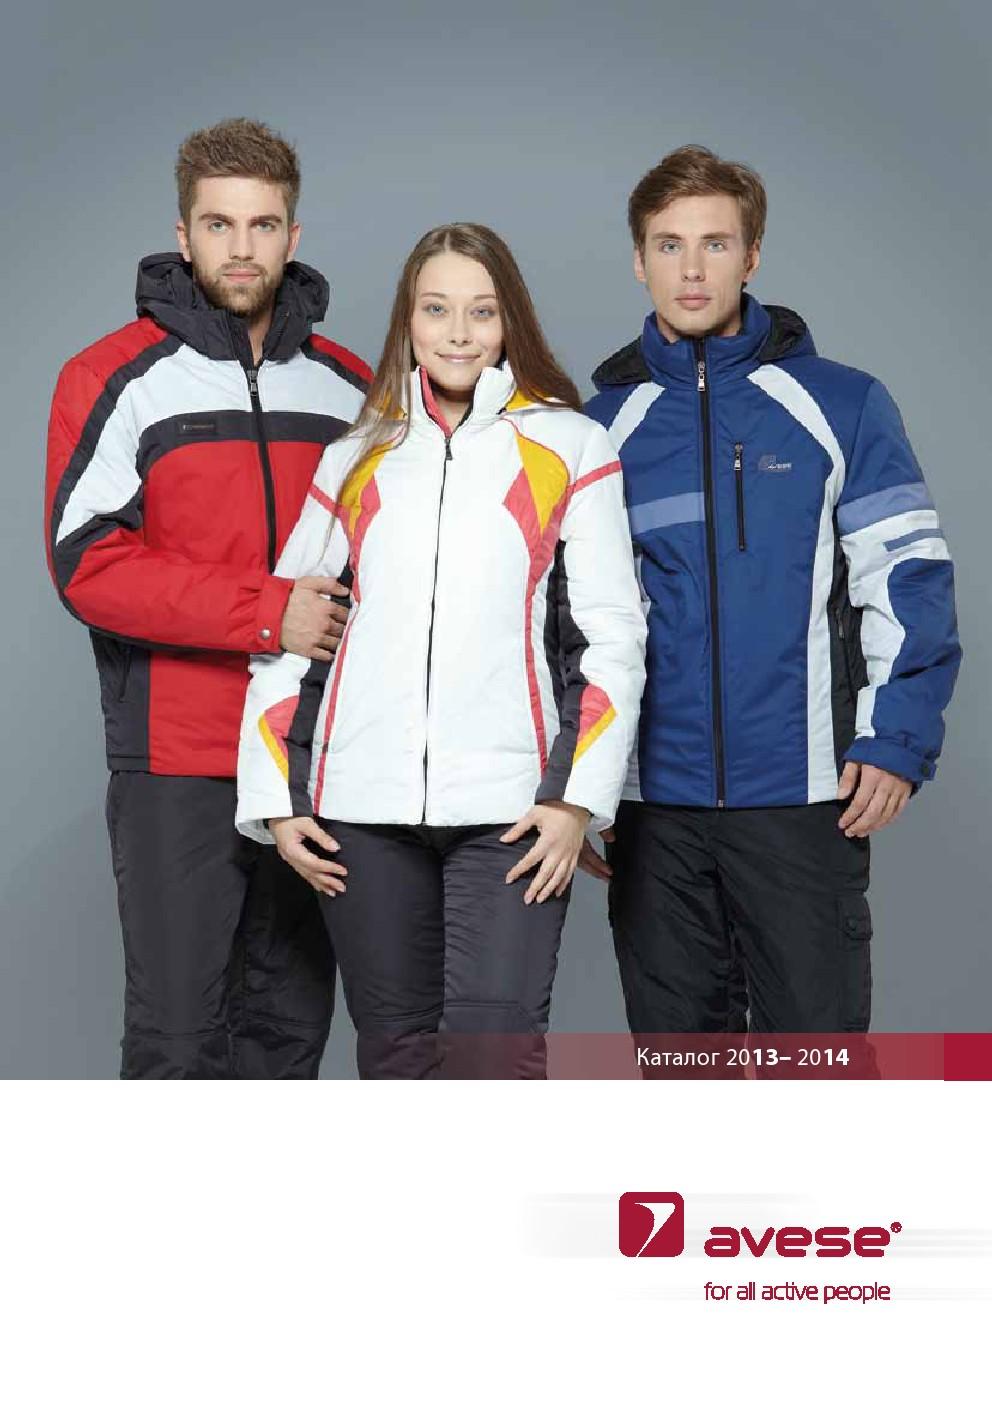 Распродажа ТМ @vese . Верхняя одежда для всей семьи. Мужские куртки, костюмы, ветровки, жилетки. Женские костюмы